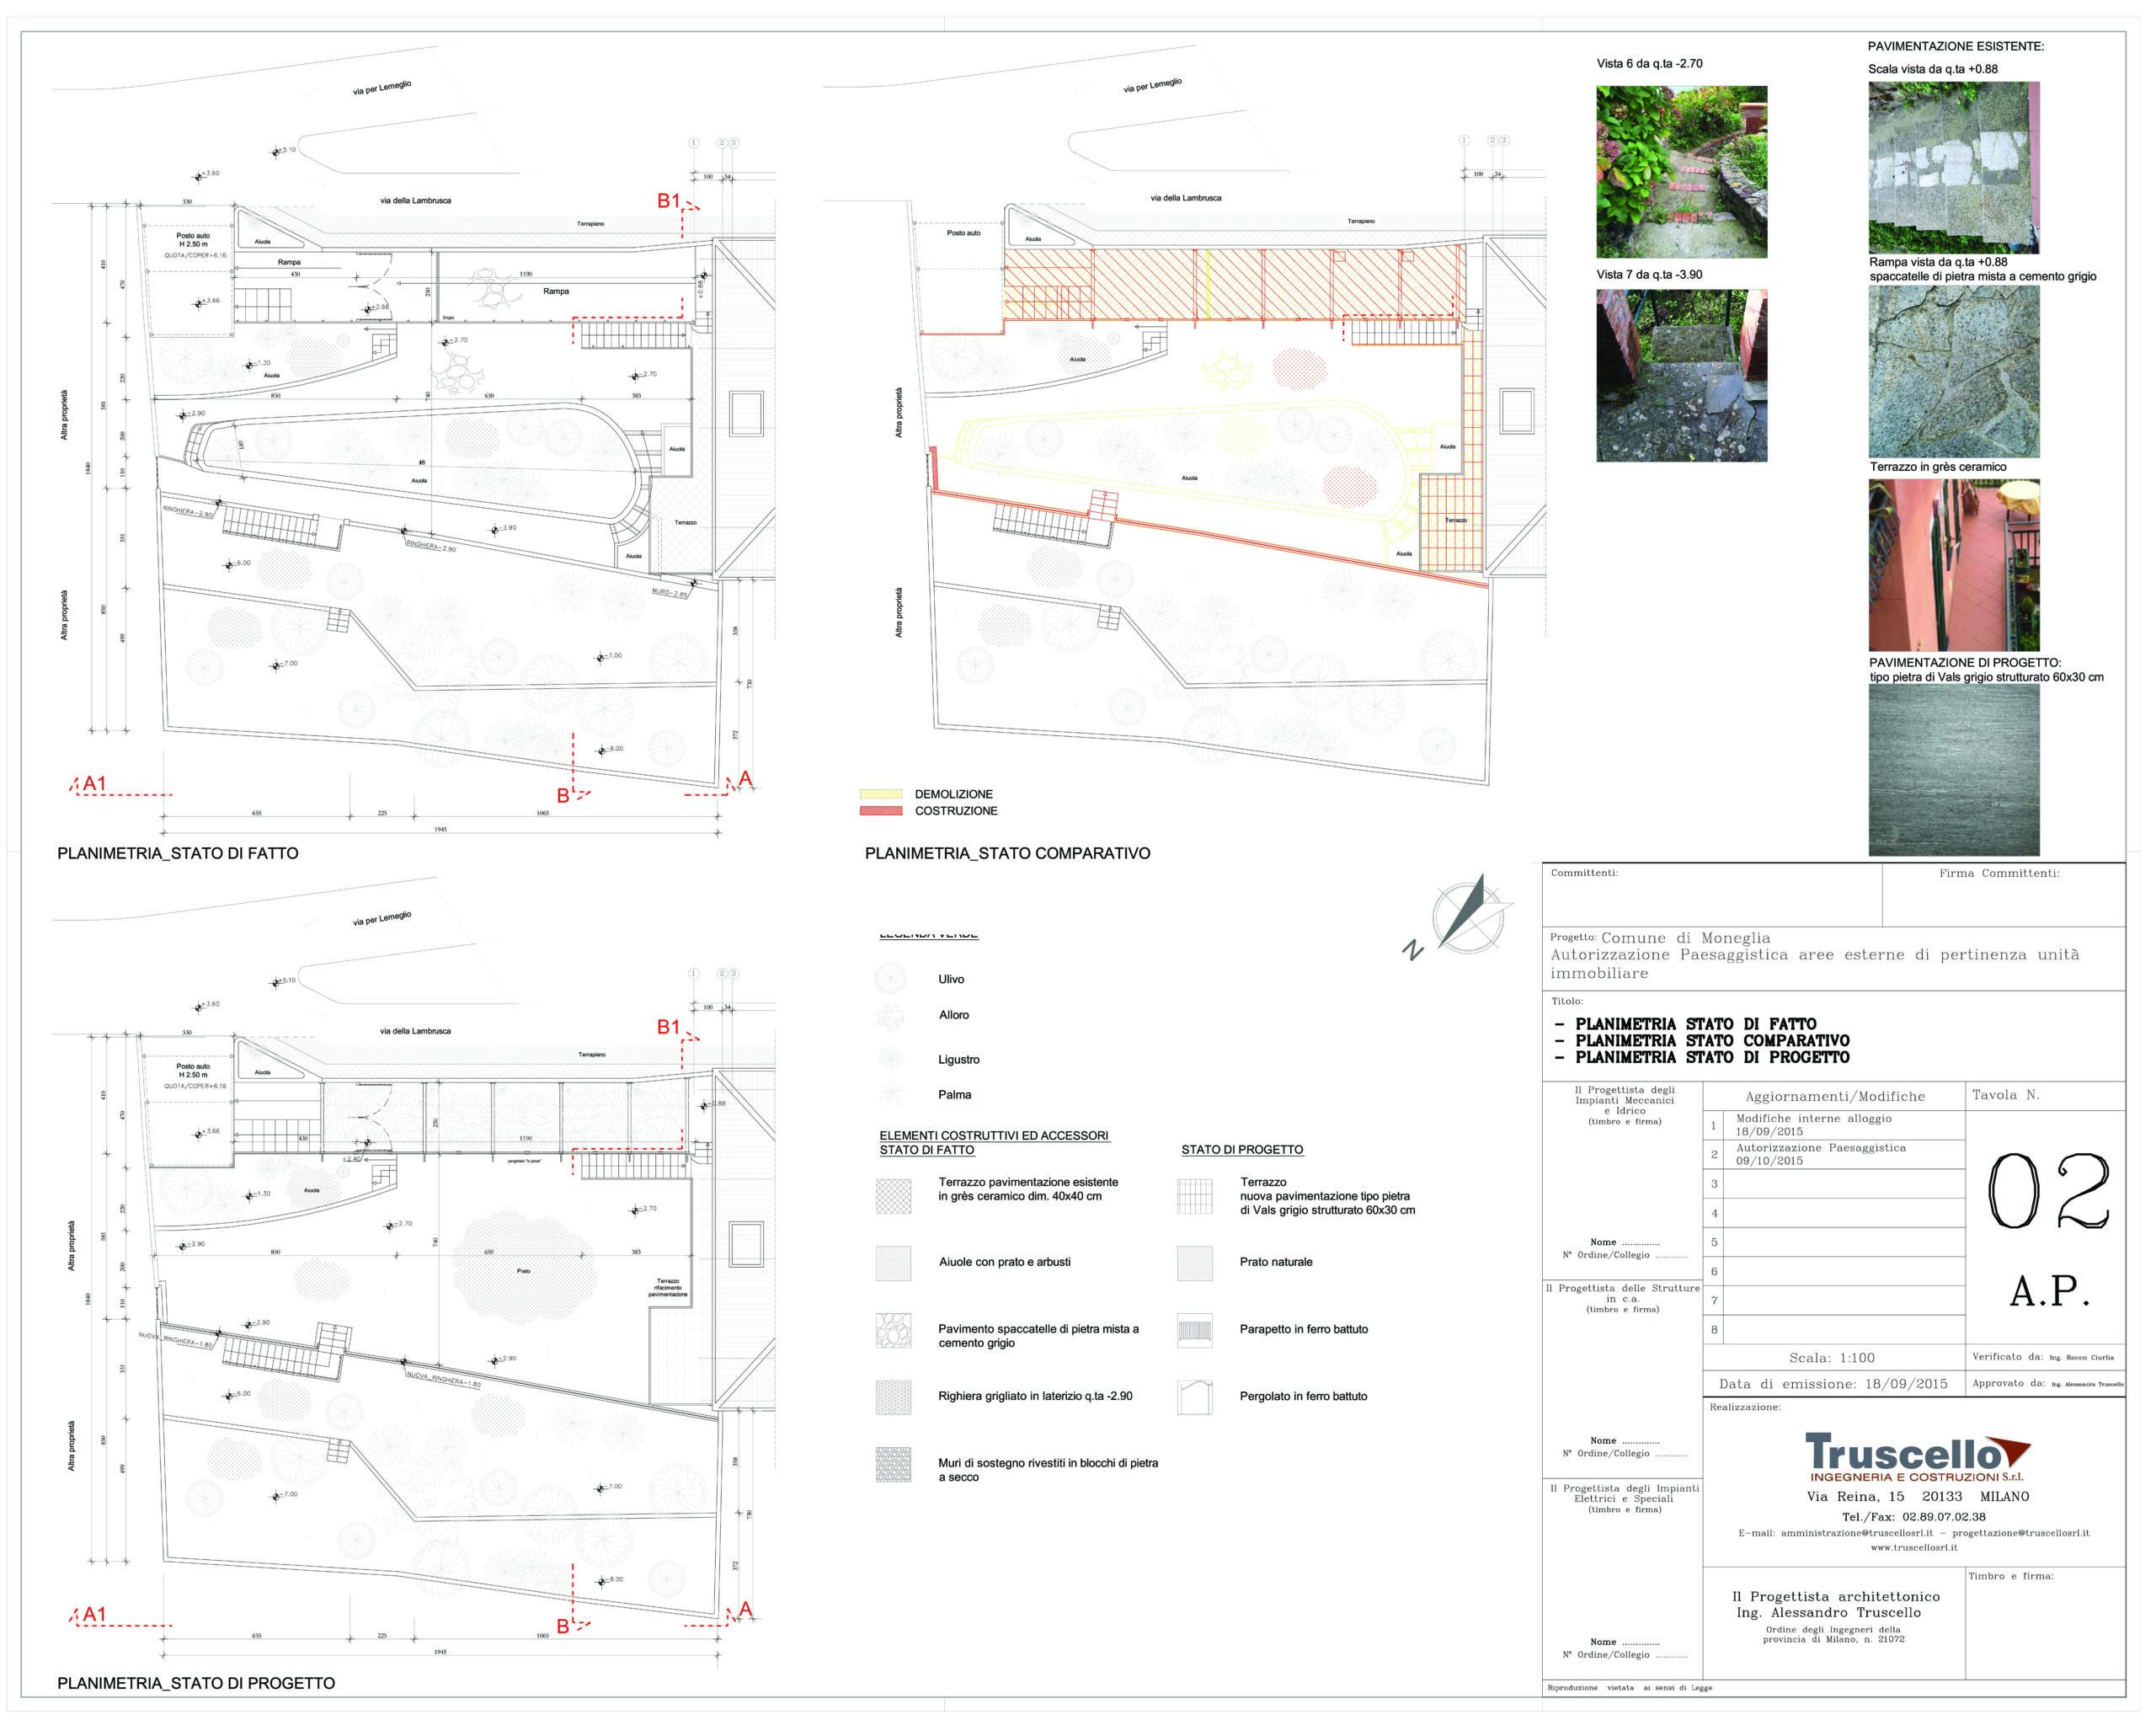 4. Planimetrie stato di fatto, di progetto e raffronto di pavimentazioni, pergolati e parapetti per aree esterne di pertinenza unità immobiliare: stato di progetto.